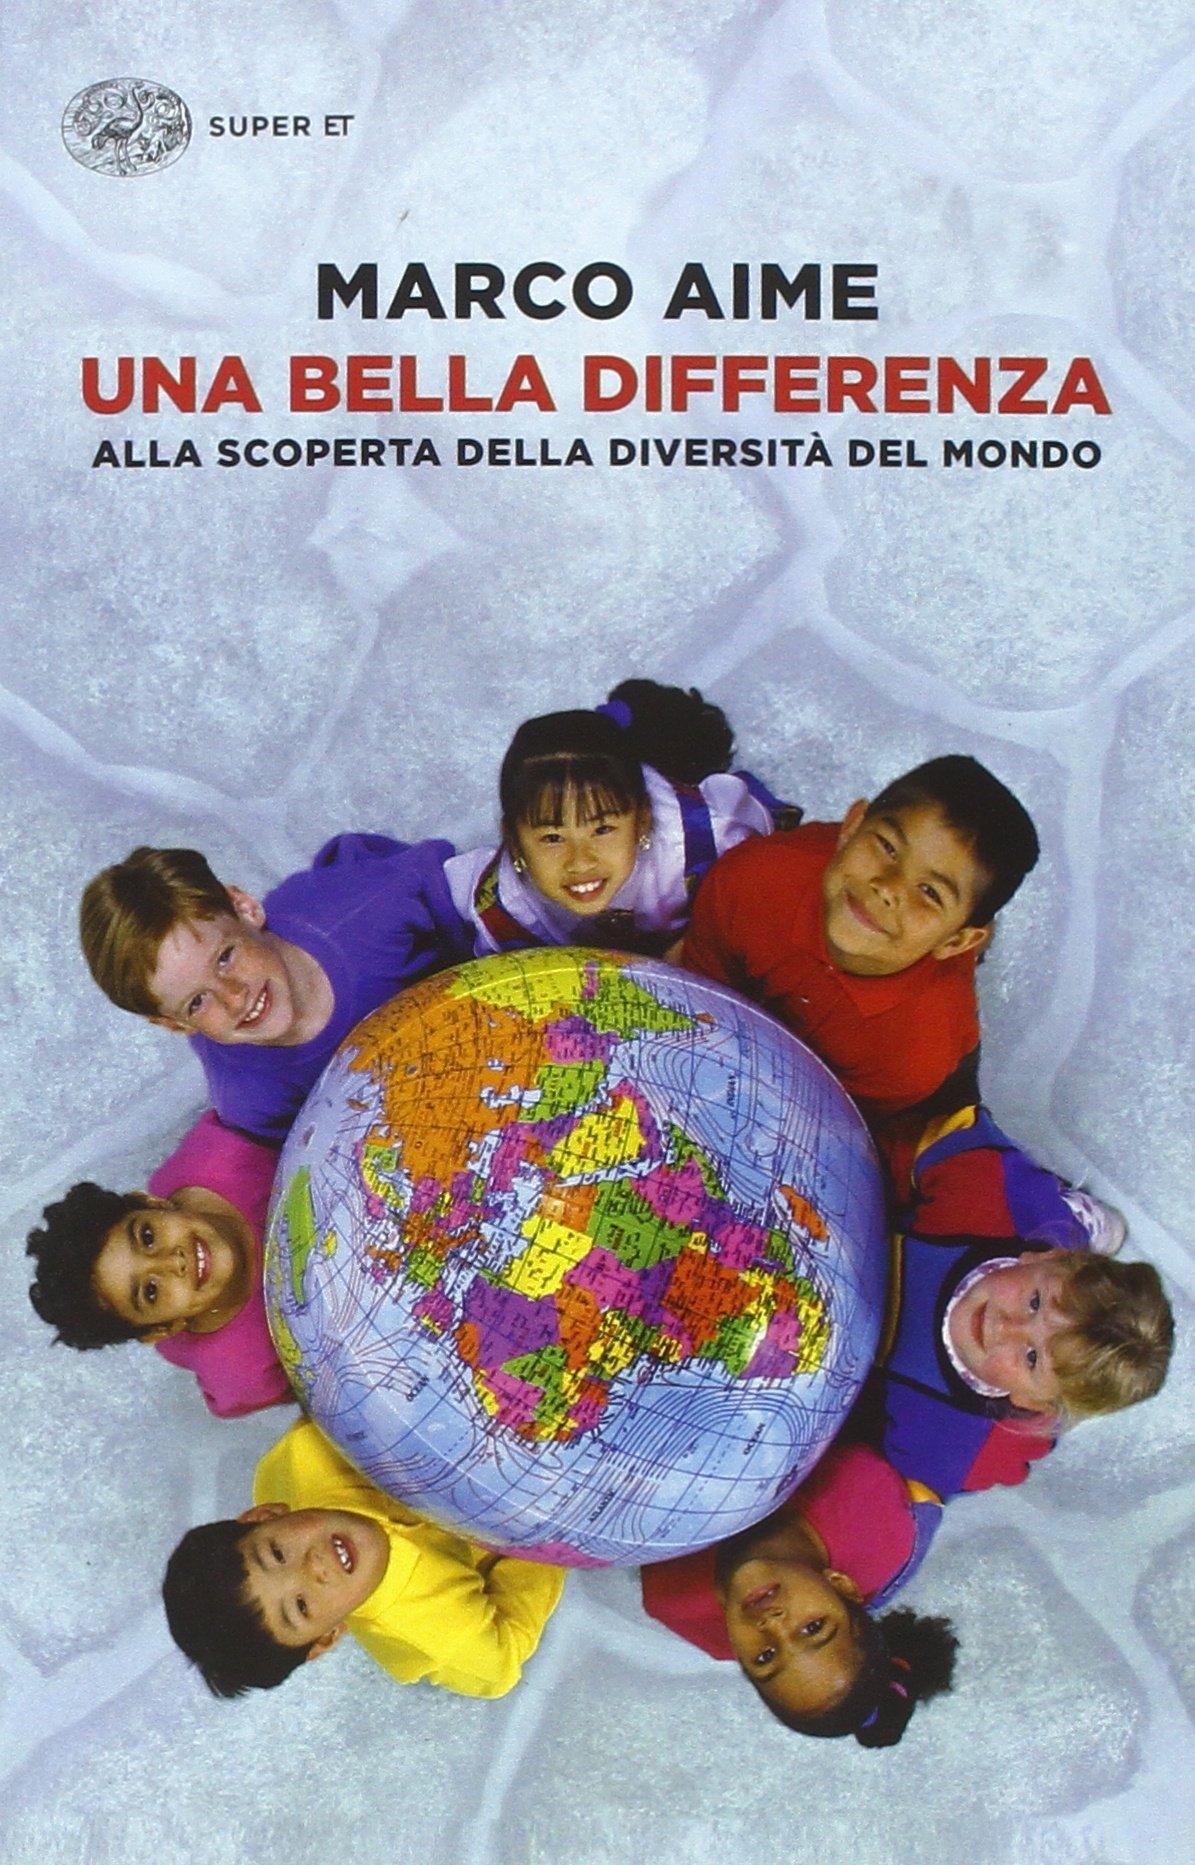 Una bella differenza. Alla scoperta della diversità del mondo Copertina flessibile – 25 gen 2016 Marco Aime Einaudi 8806229877 SCIENZE SOCIALI